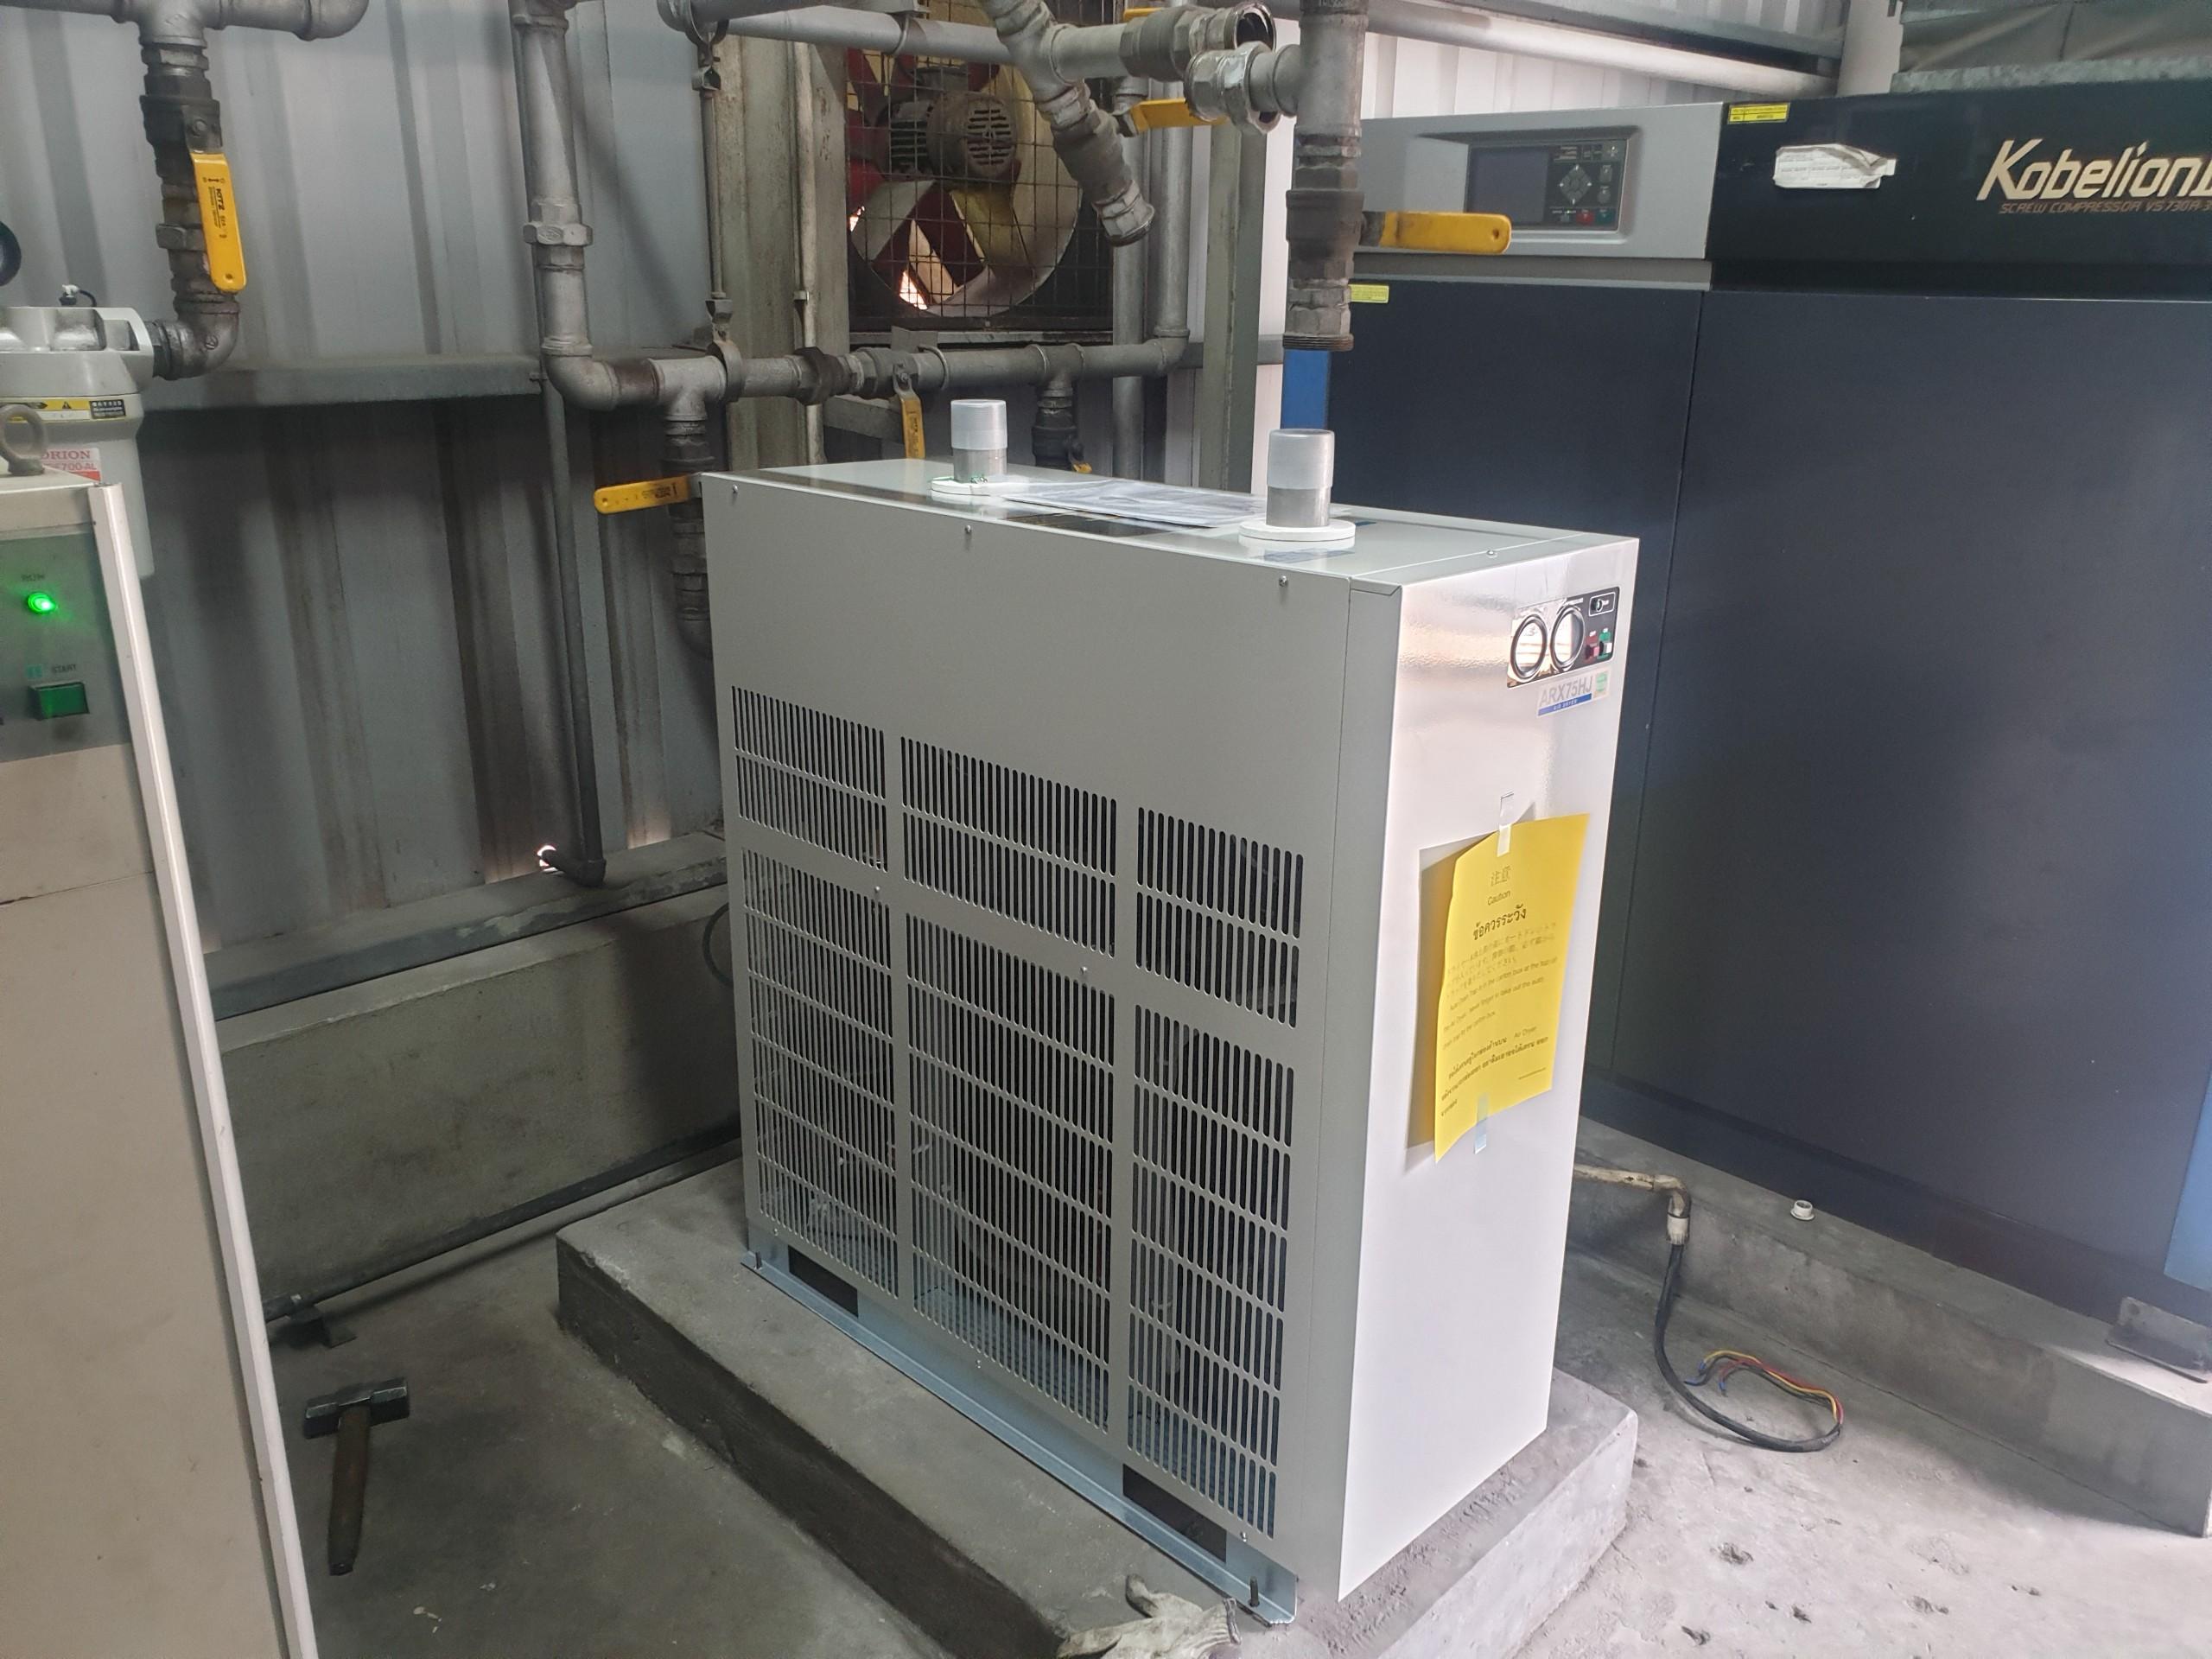 Tìm hiểu về thao tác lắp đặt máy sấy khí nén?